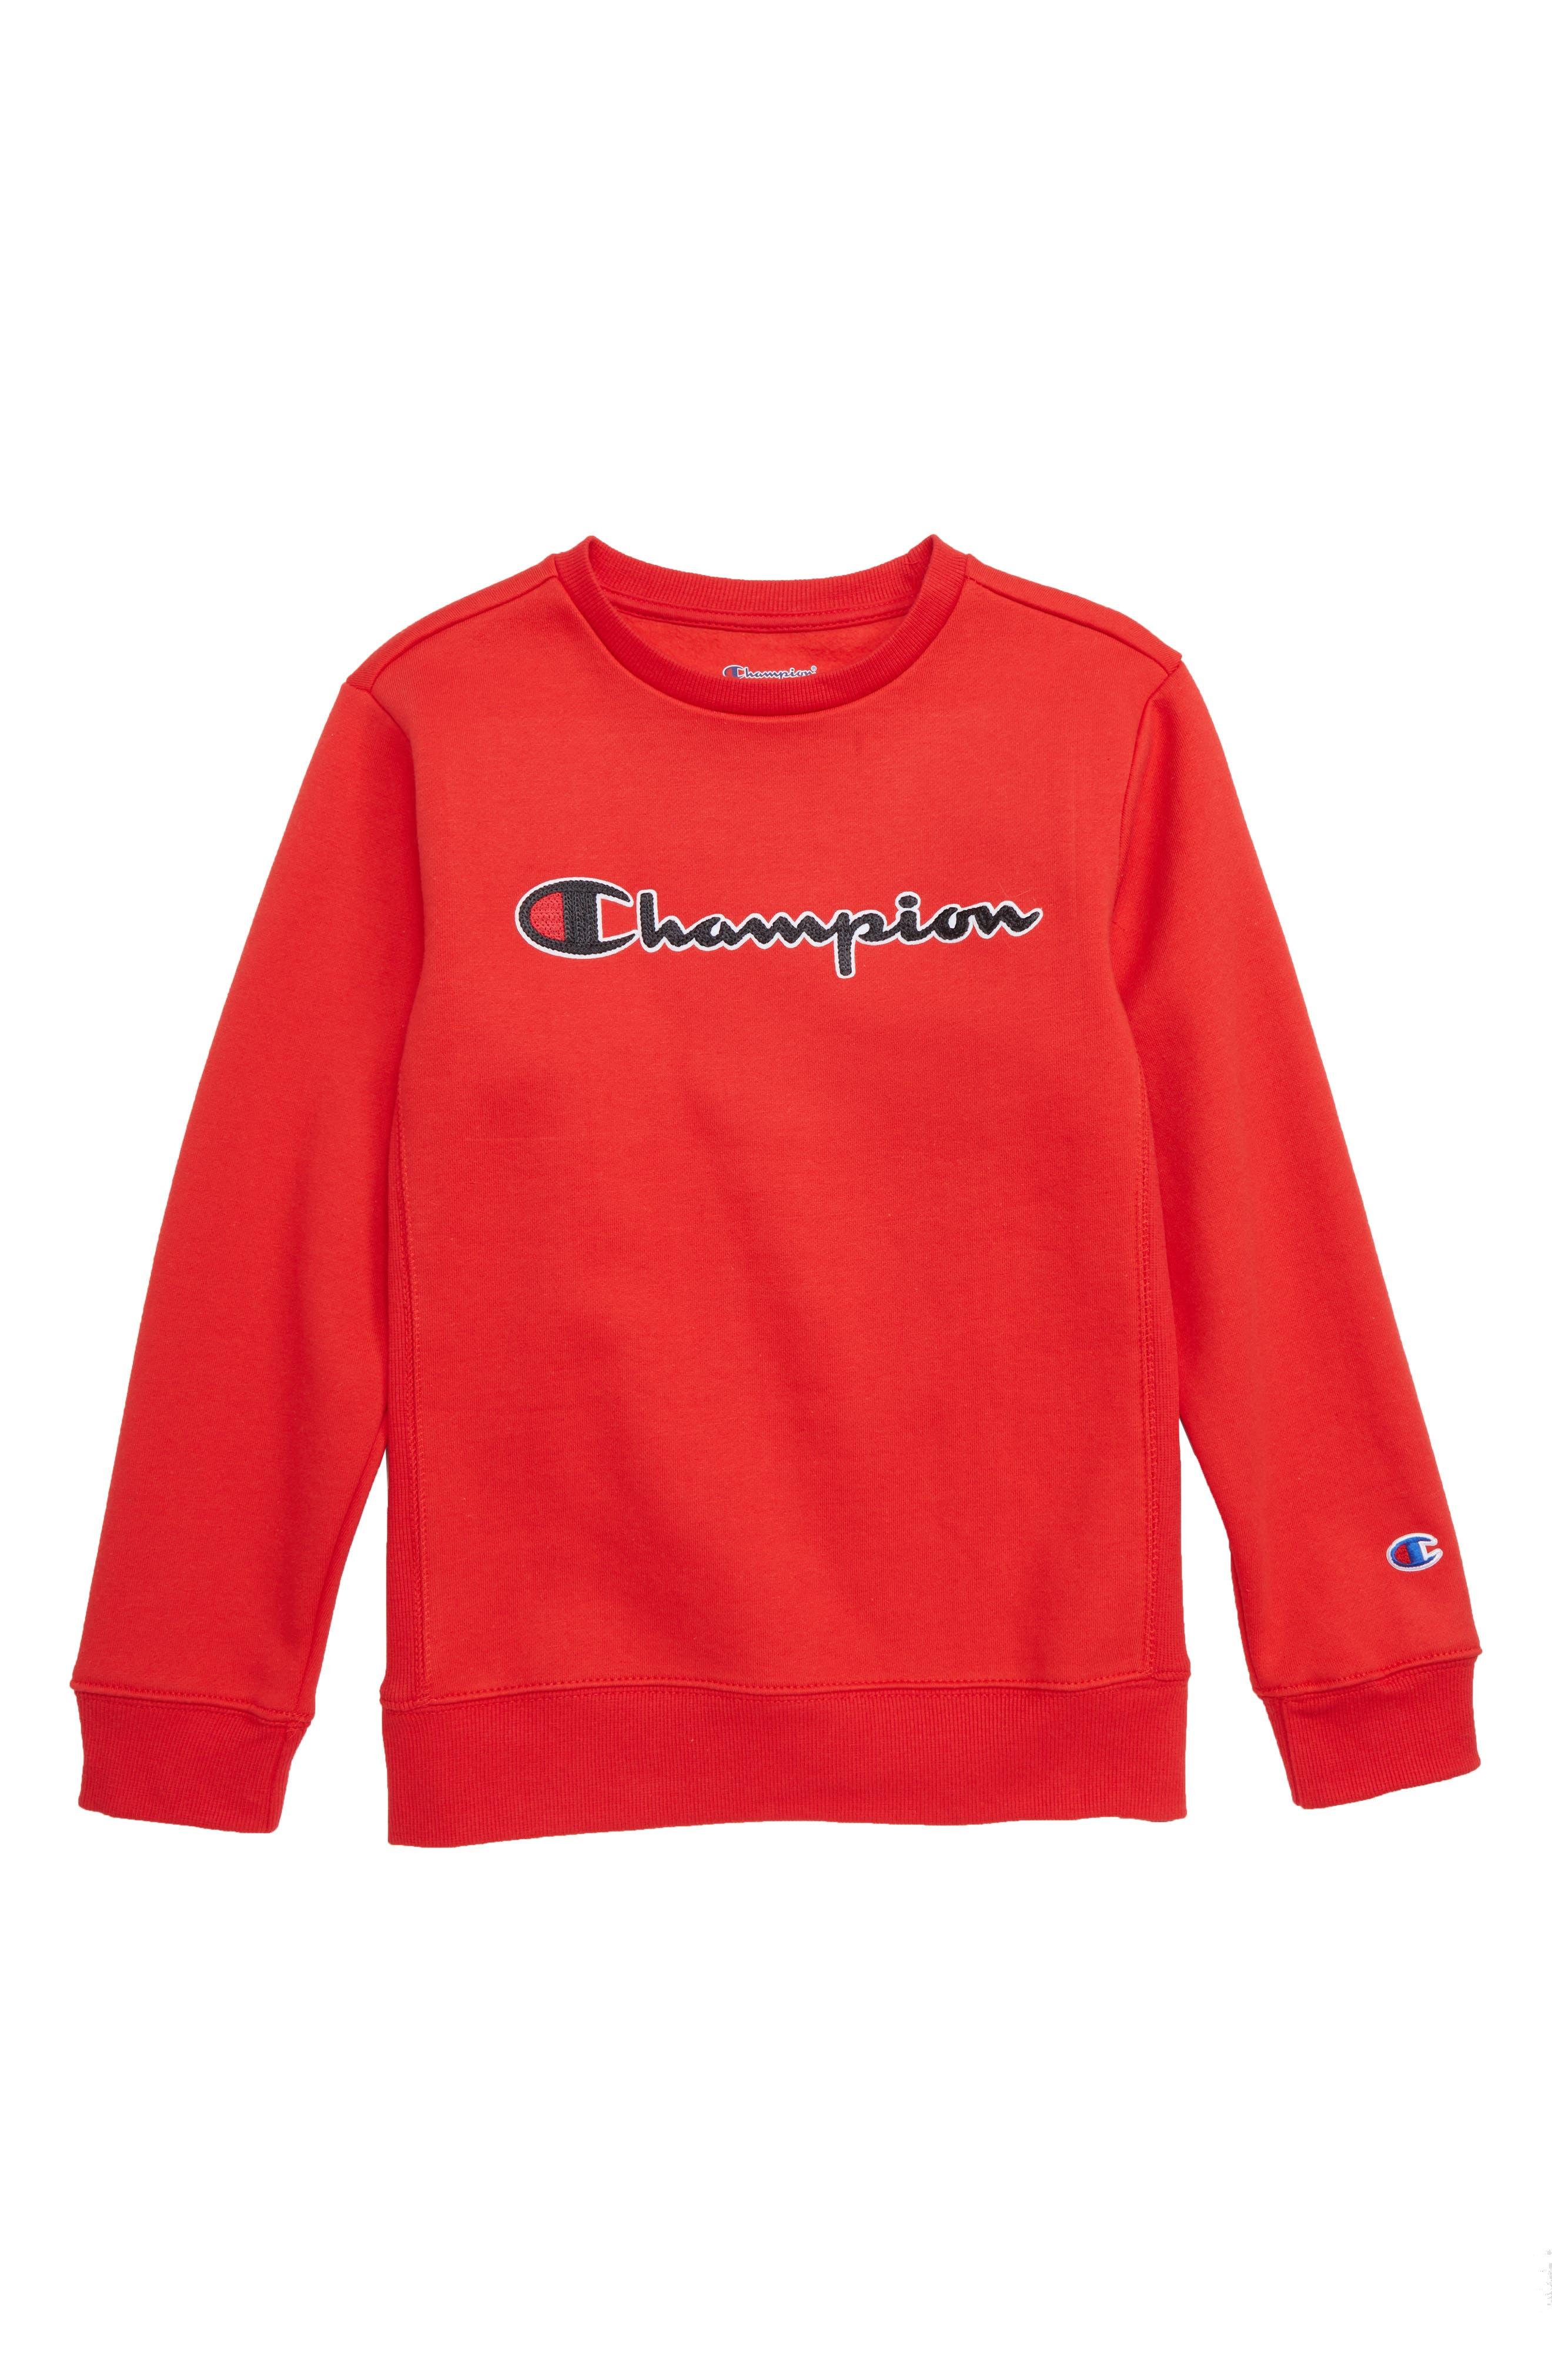 Logo Crewneck Sweatshirt, Main, color, SCARLET